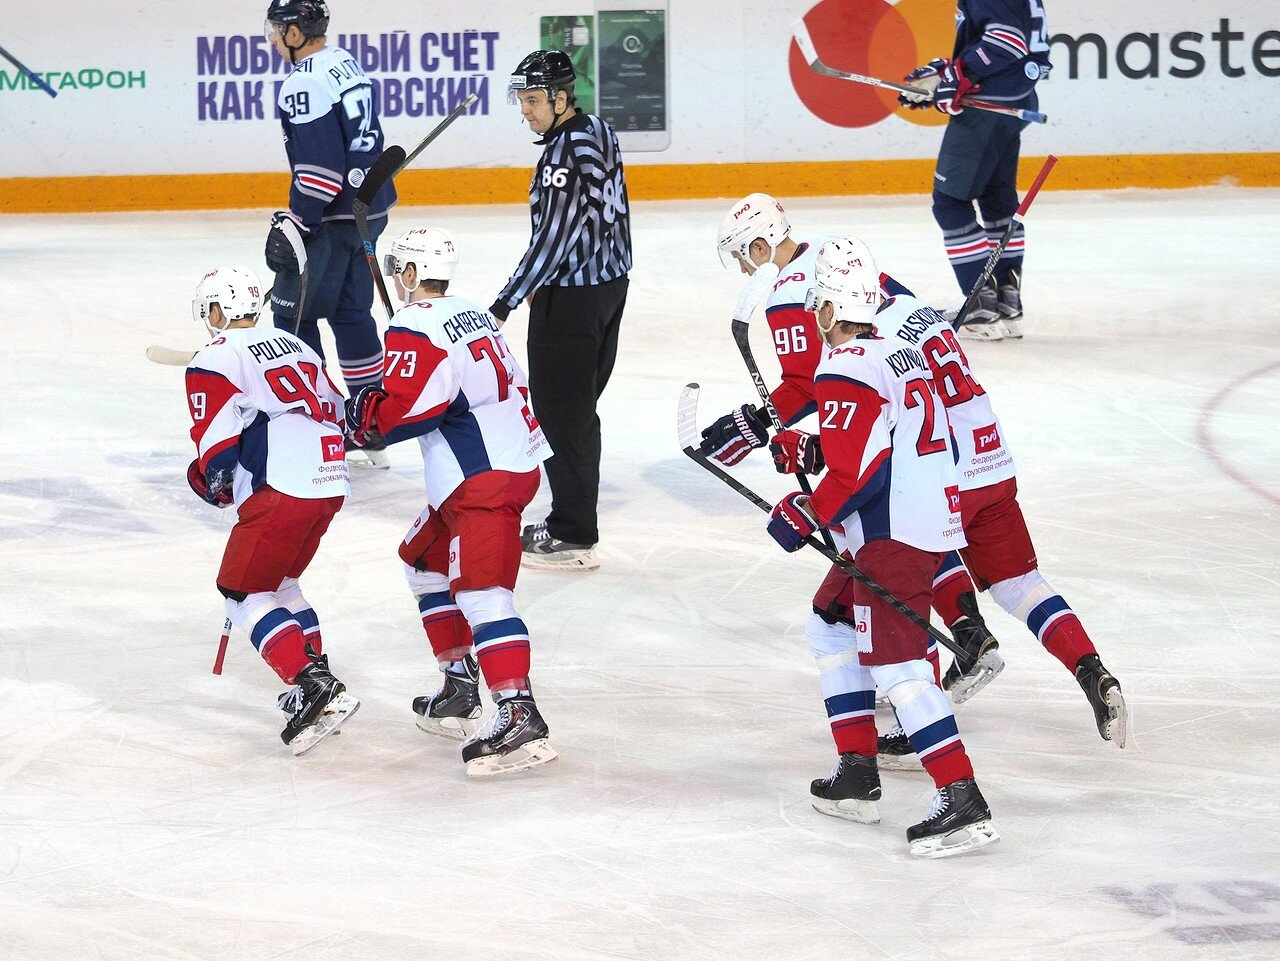 58Металлург - Локомотив 23.11.2016